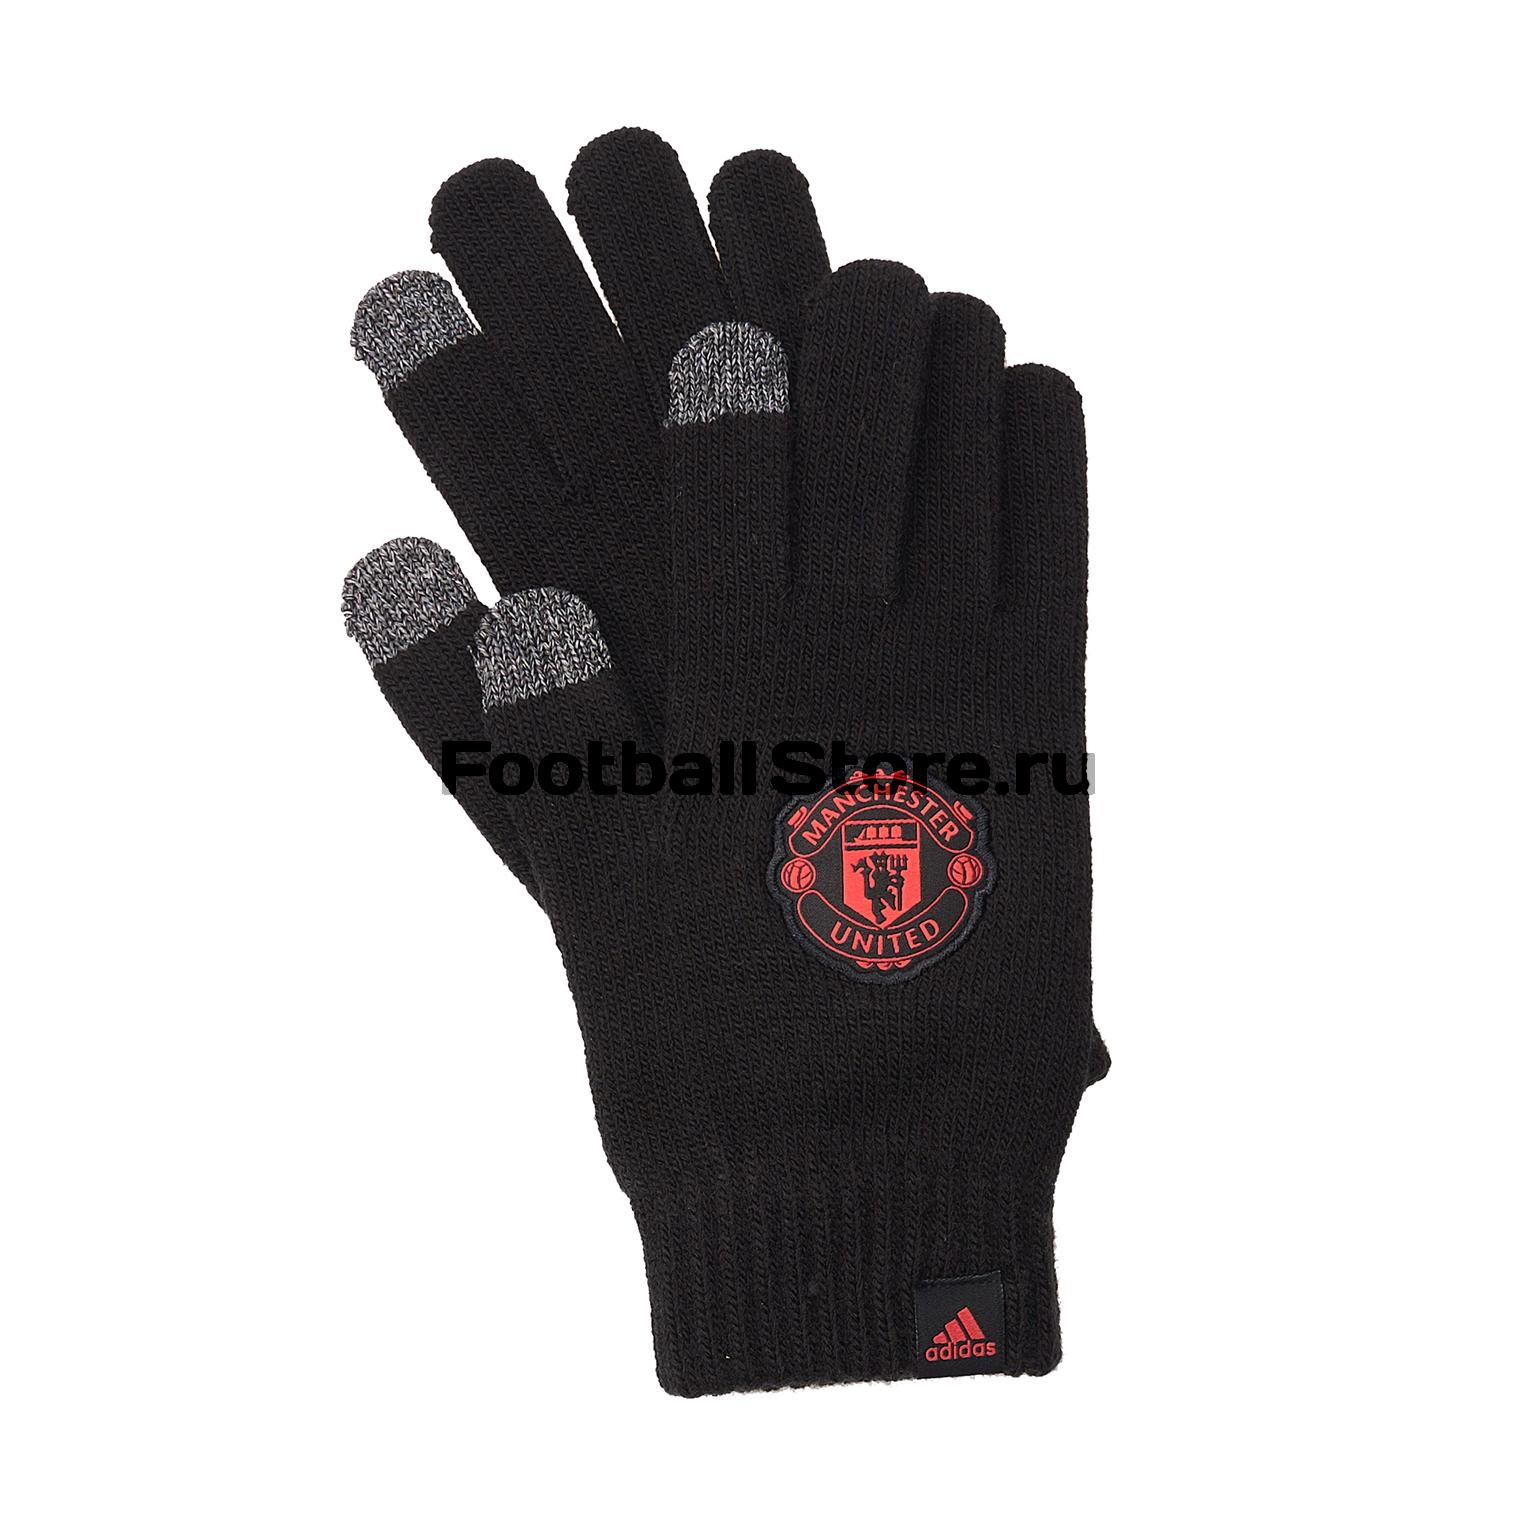 Перчатки тренировочные Adidas Manchester United CY5595 все цены